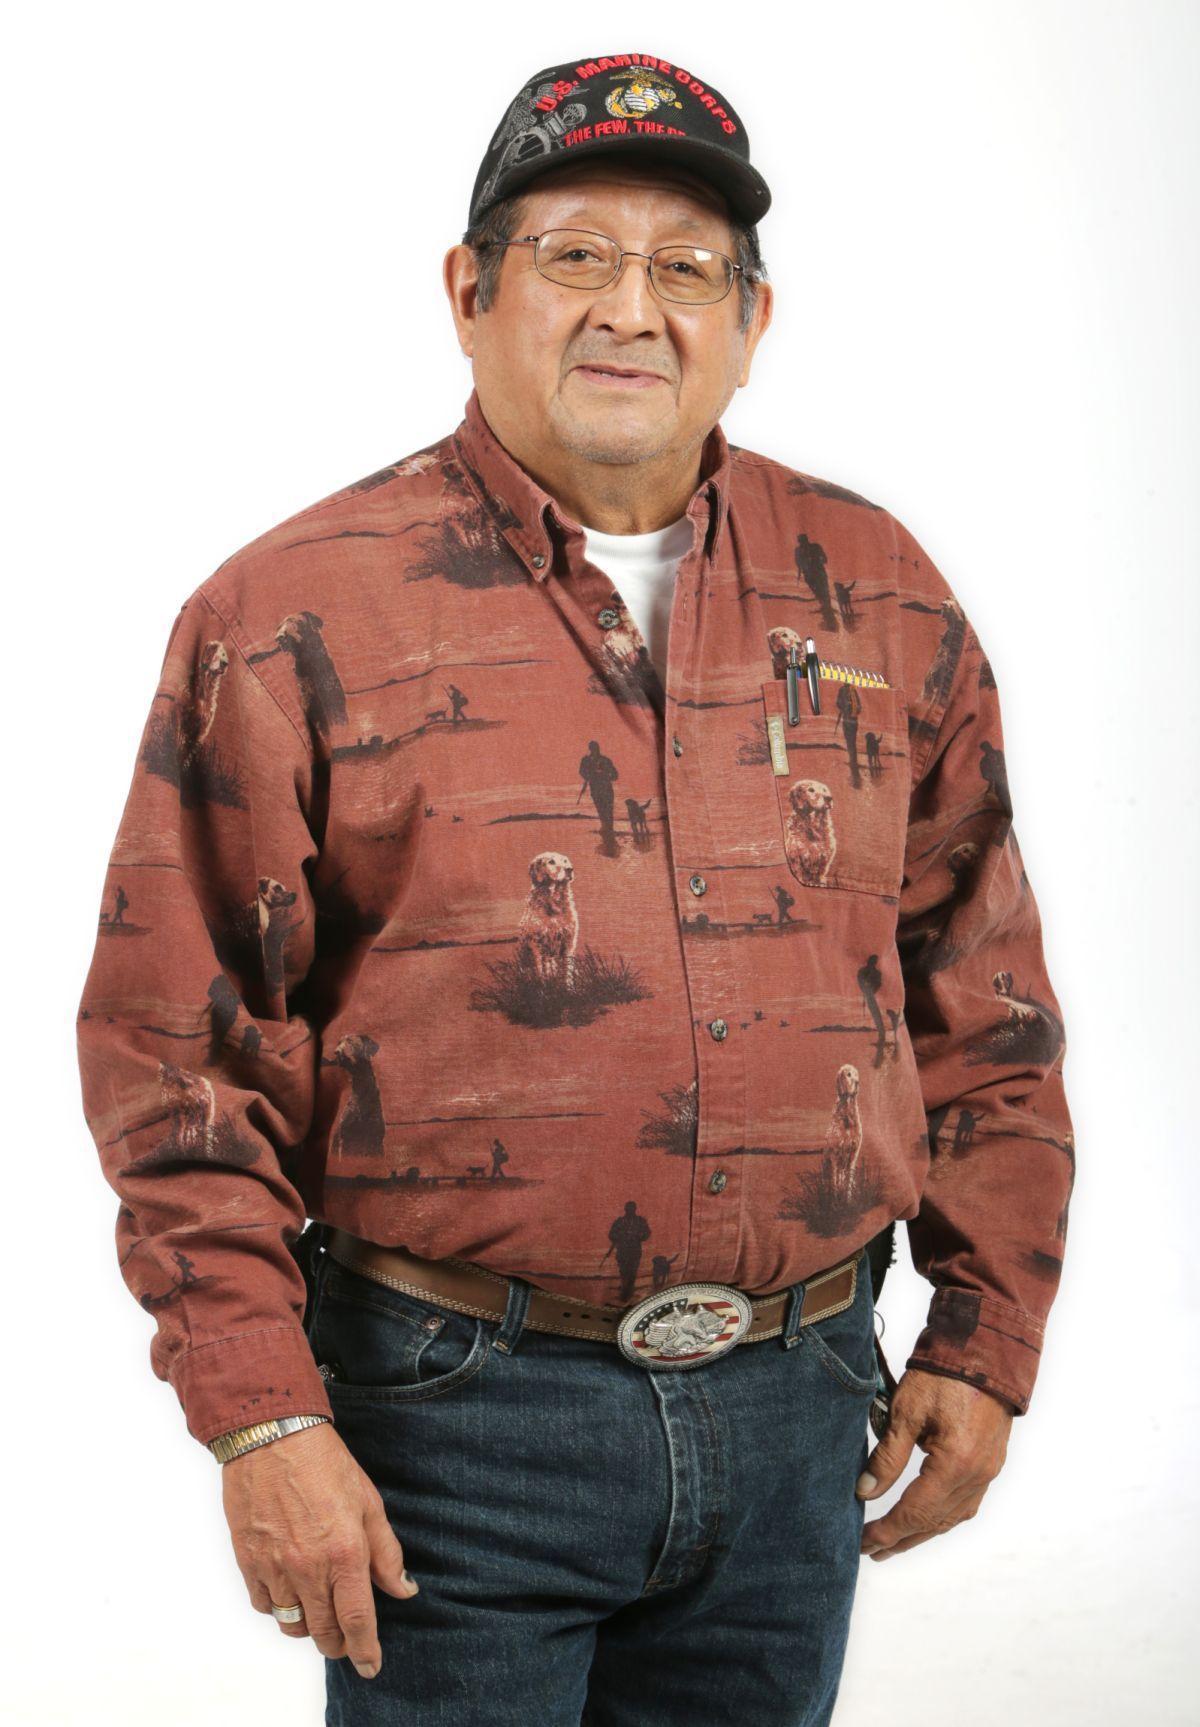 Jose Riojas